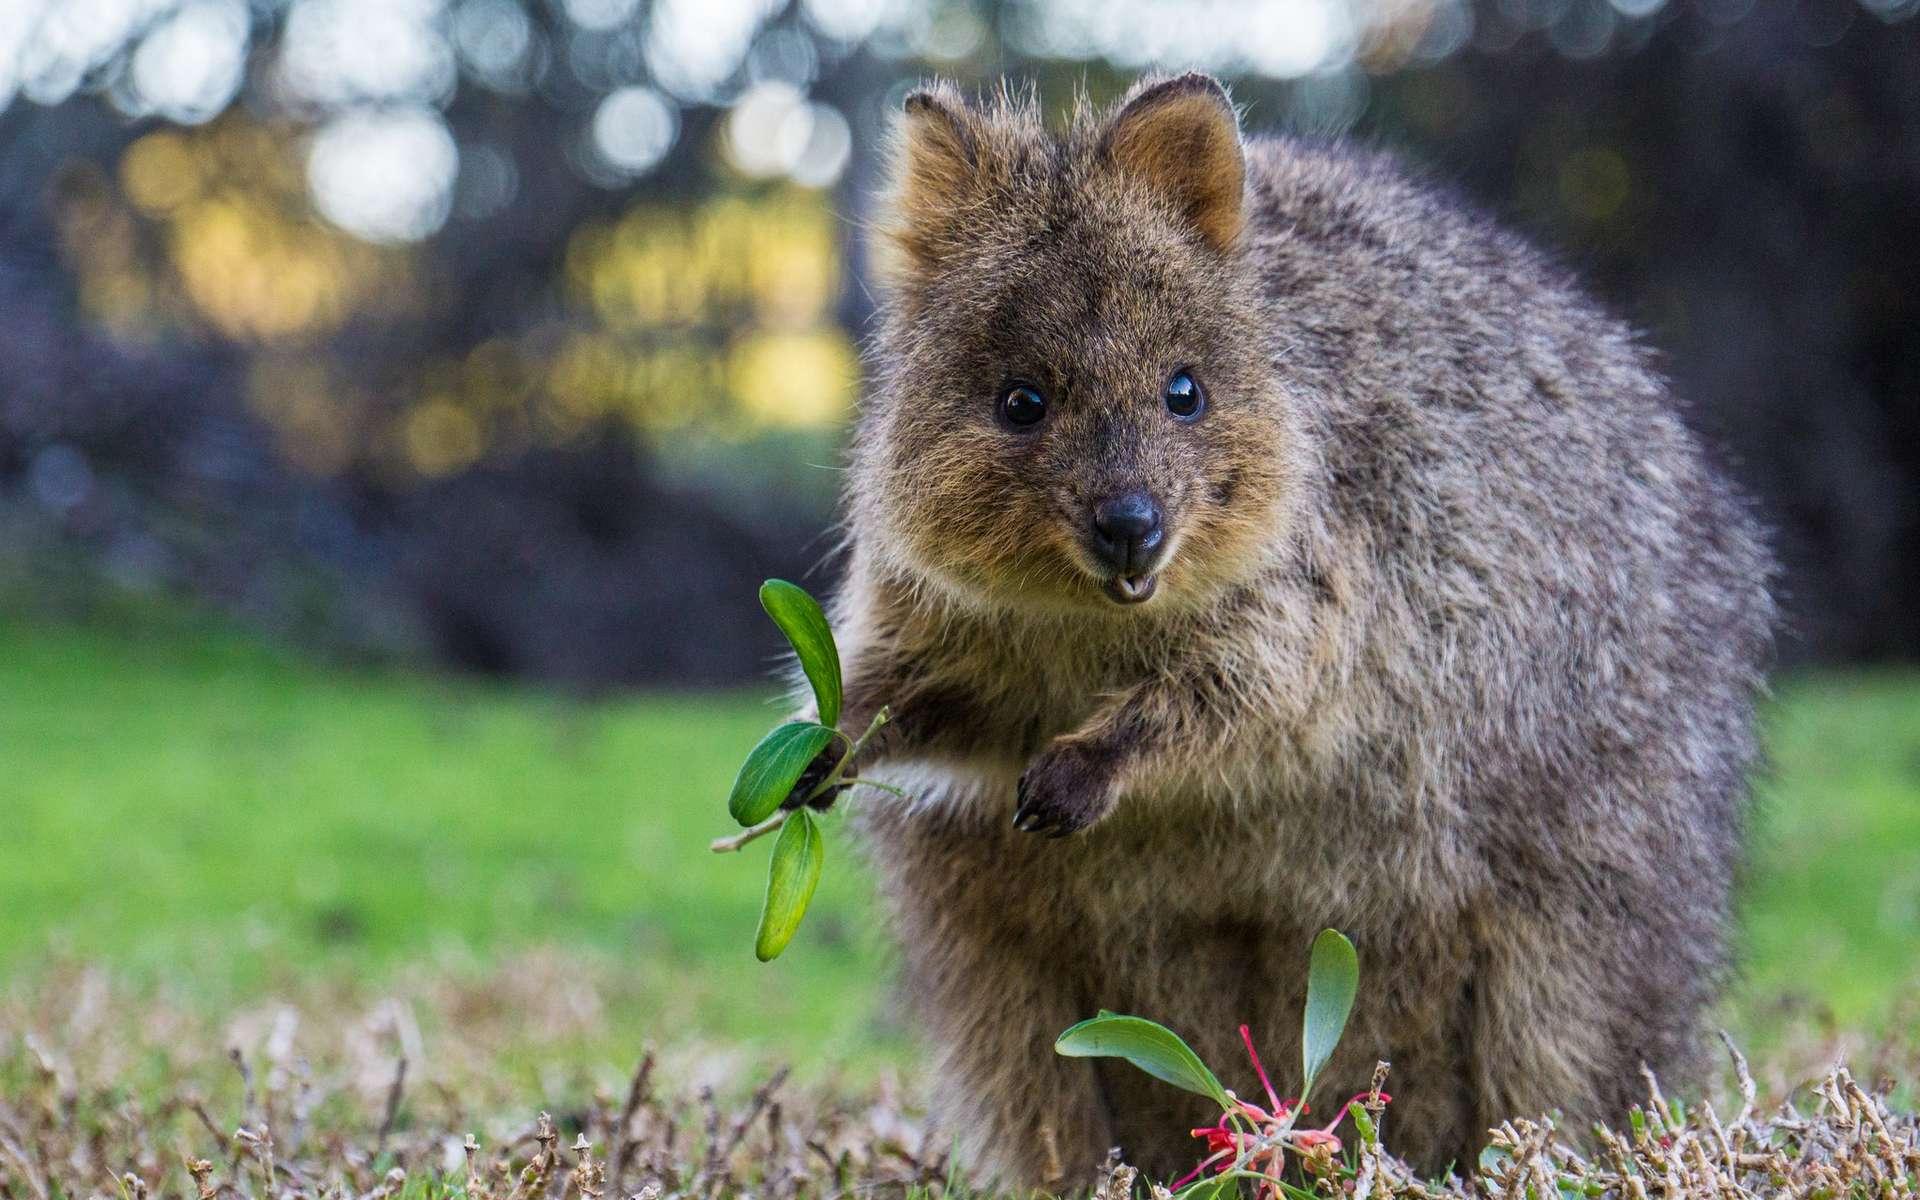 Le quokka a été surnommé « l'animal le plus heureux du monde ». © Sam West, Flickr